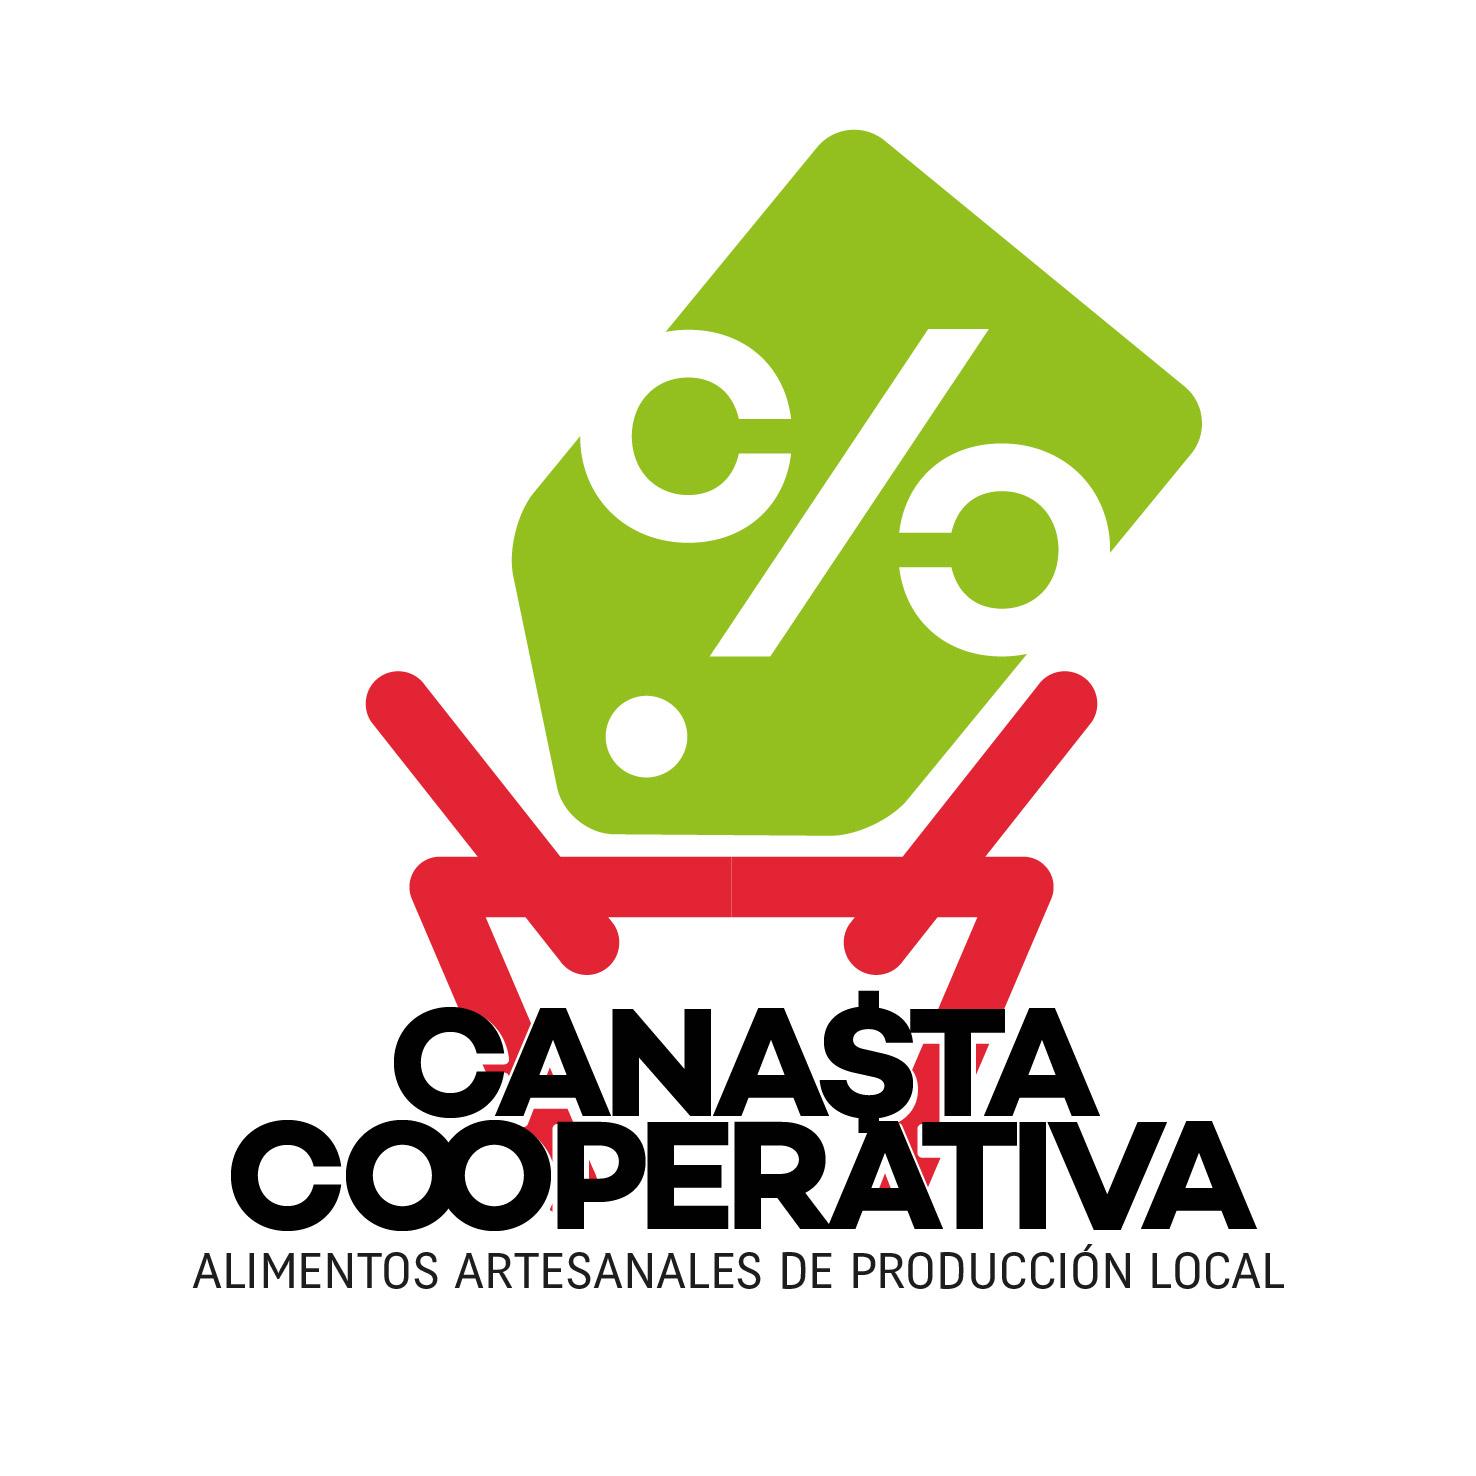 Canasta Cooperativa